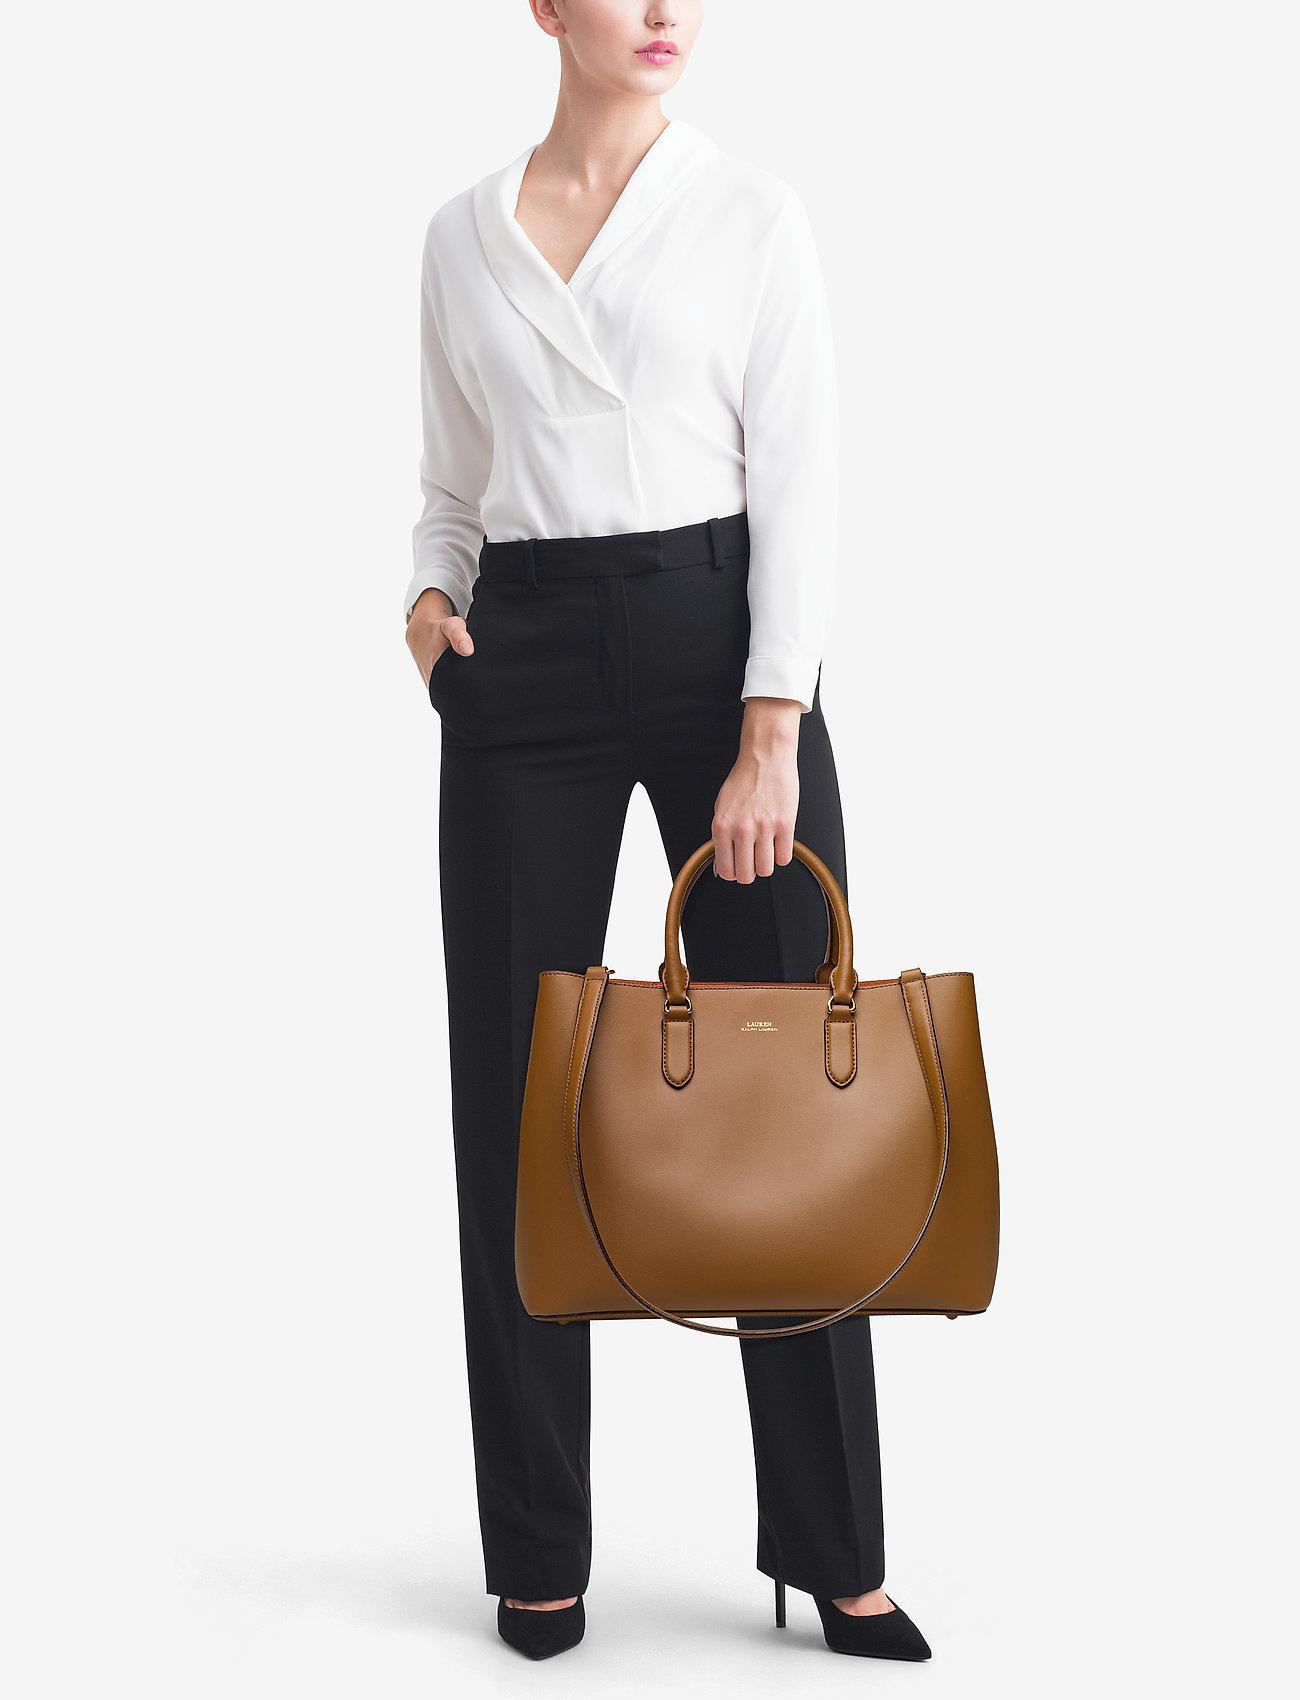 Lauren Ralph Lauren Leather Marcy Satchel - FIELD BROWN/ORANG